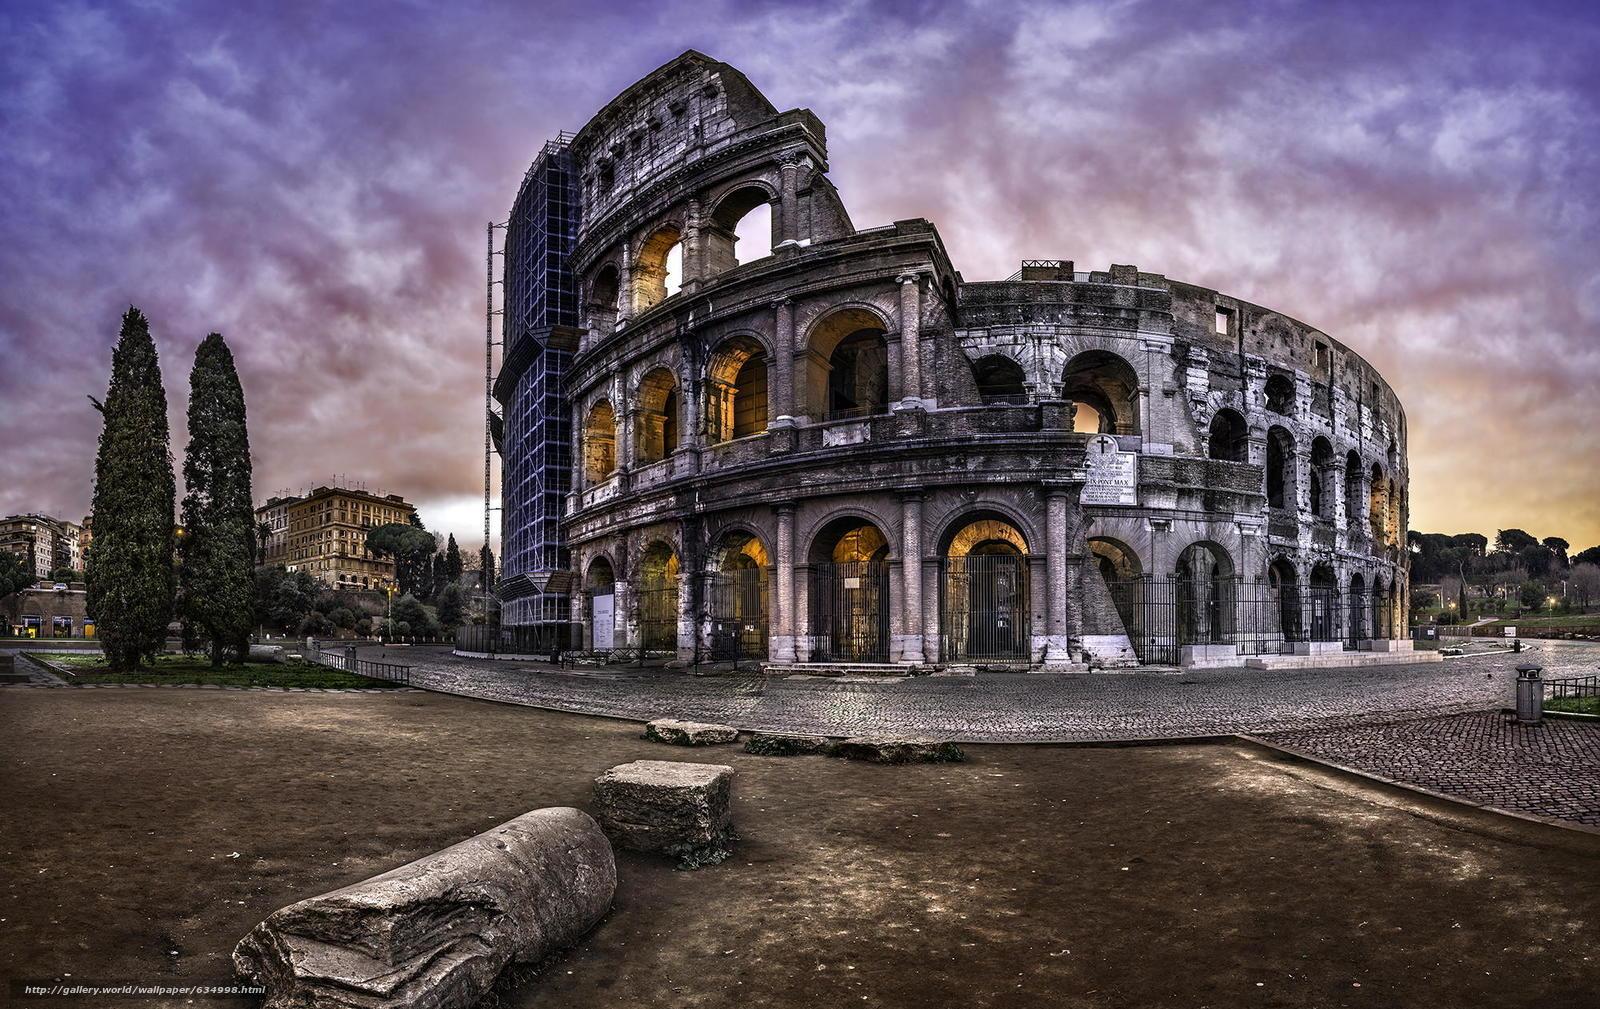 tlcharger fond decran rome - photo #22